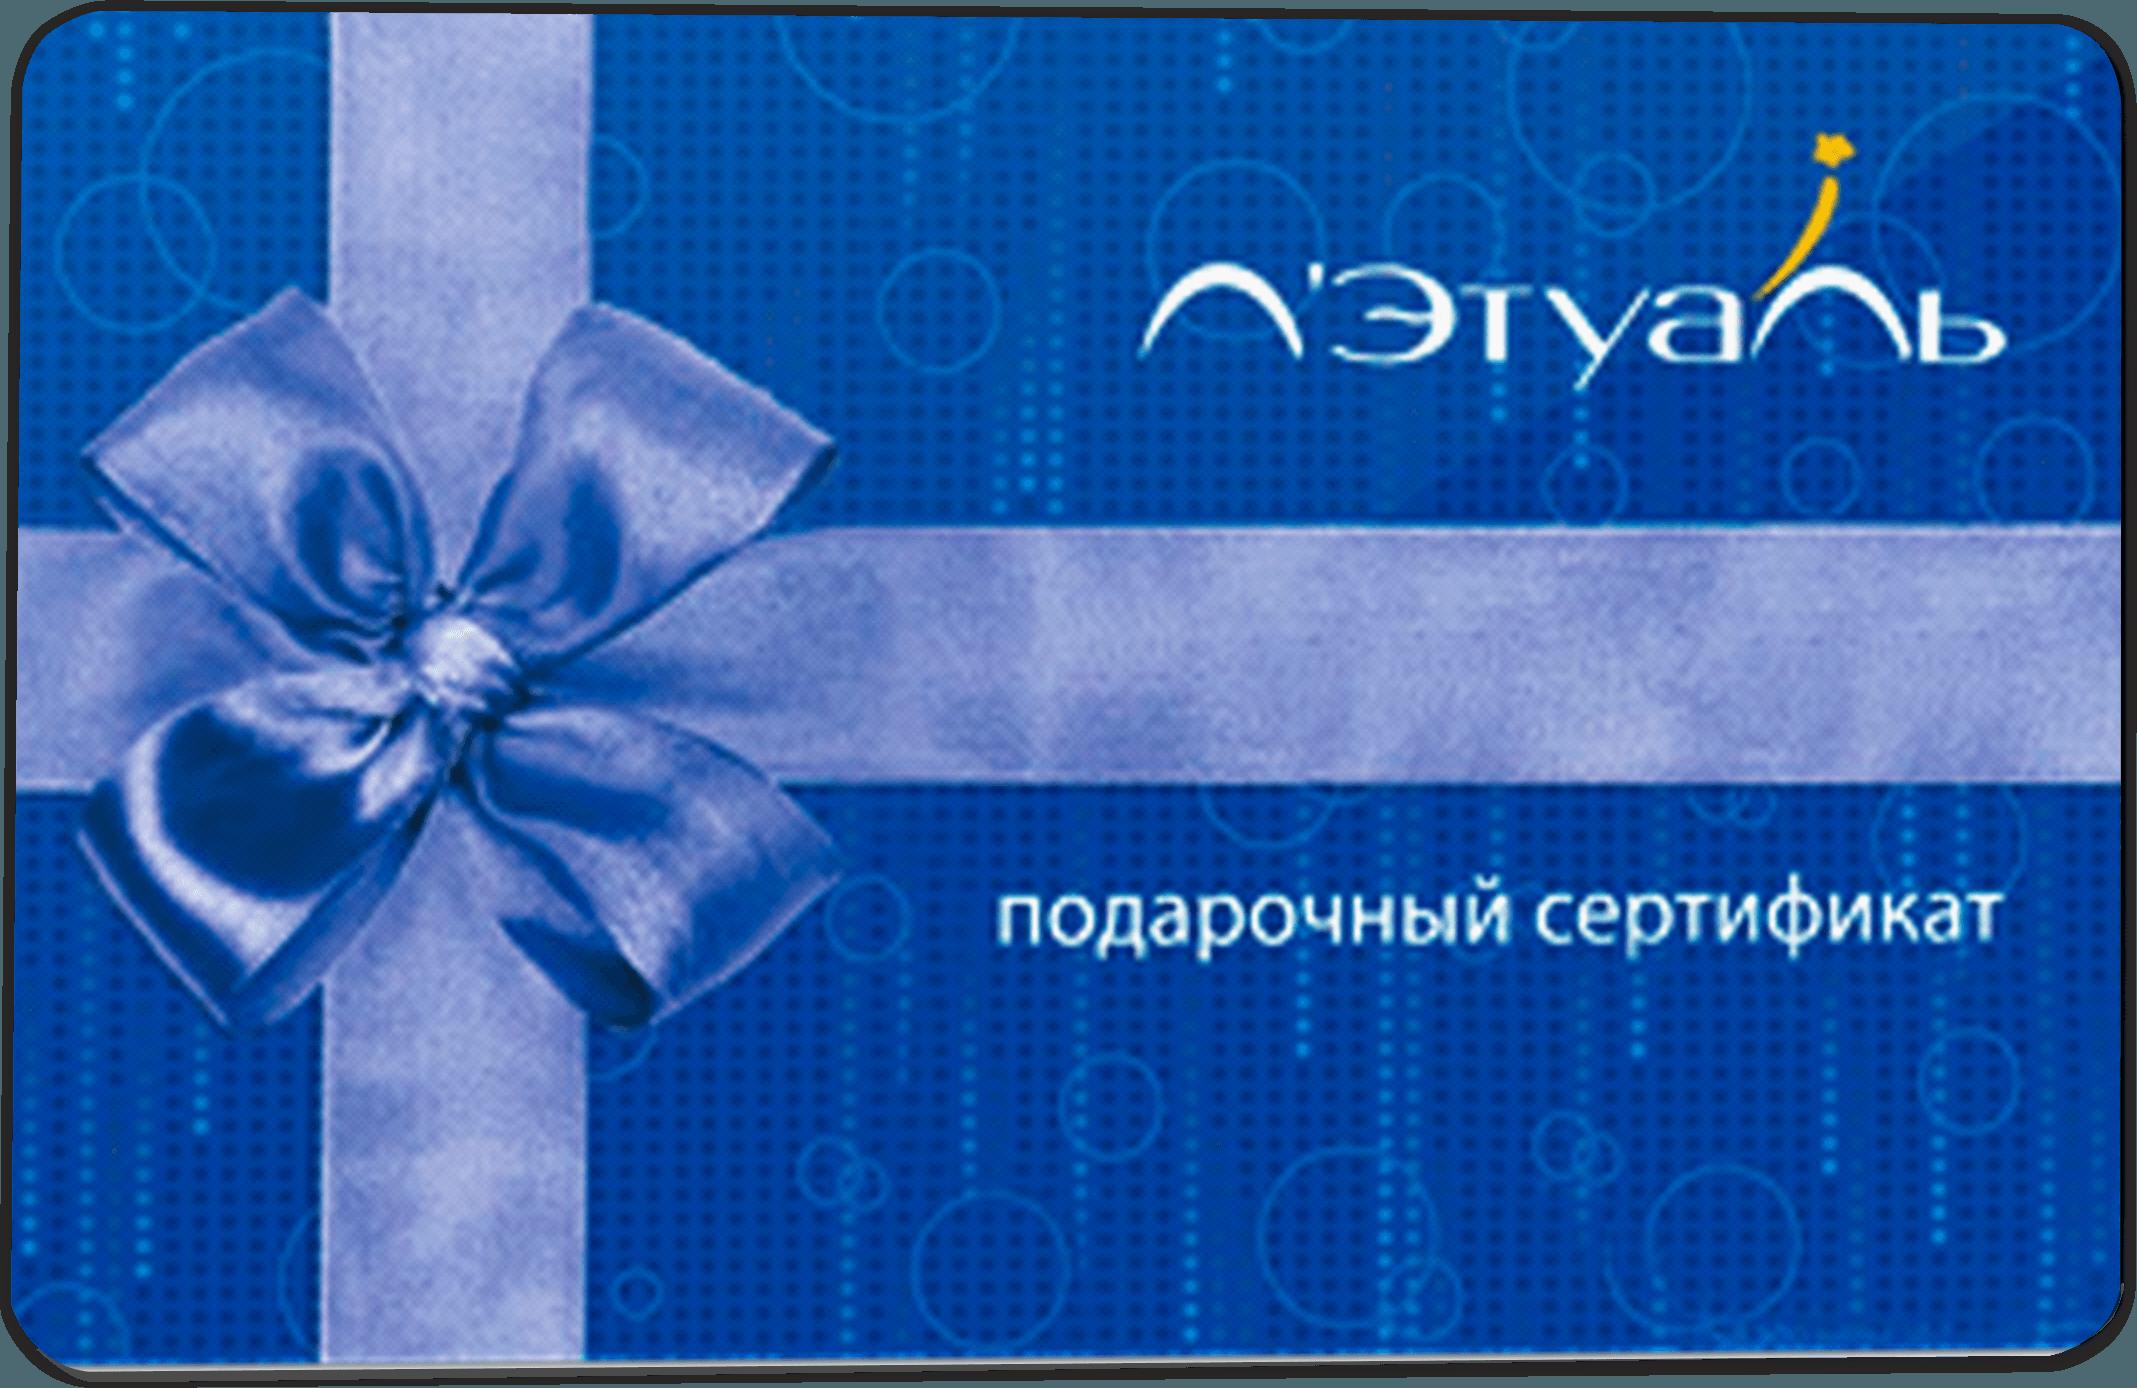 Фото подарочного сертификата Лэтуаль